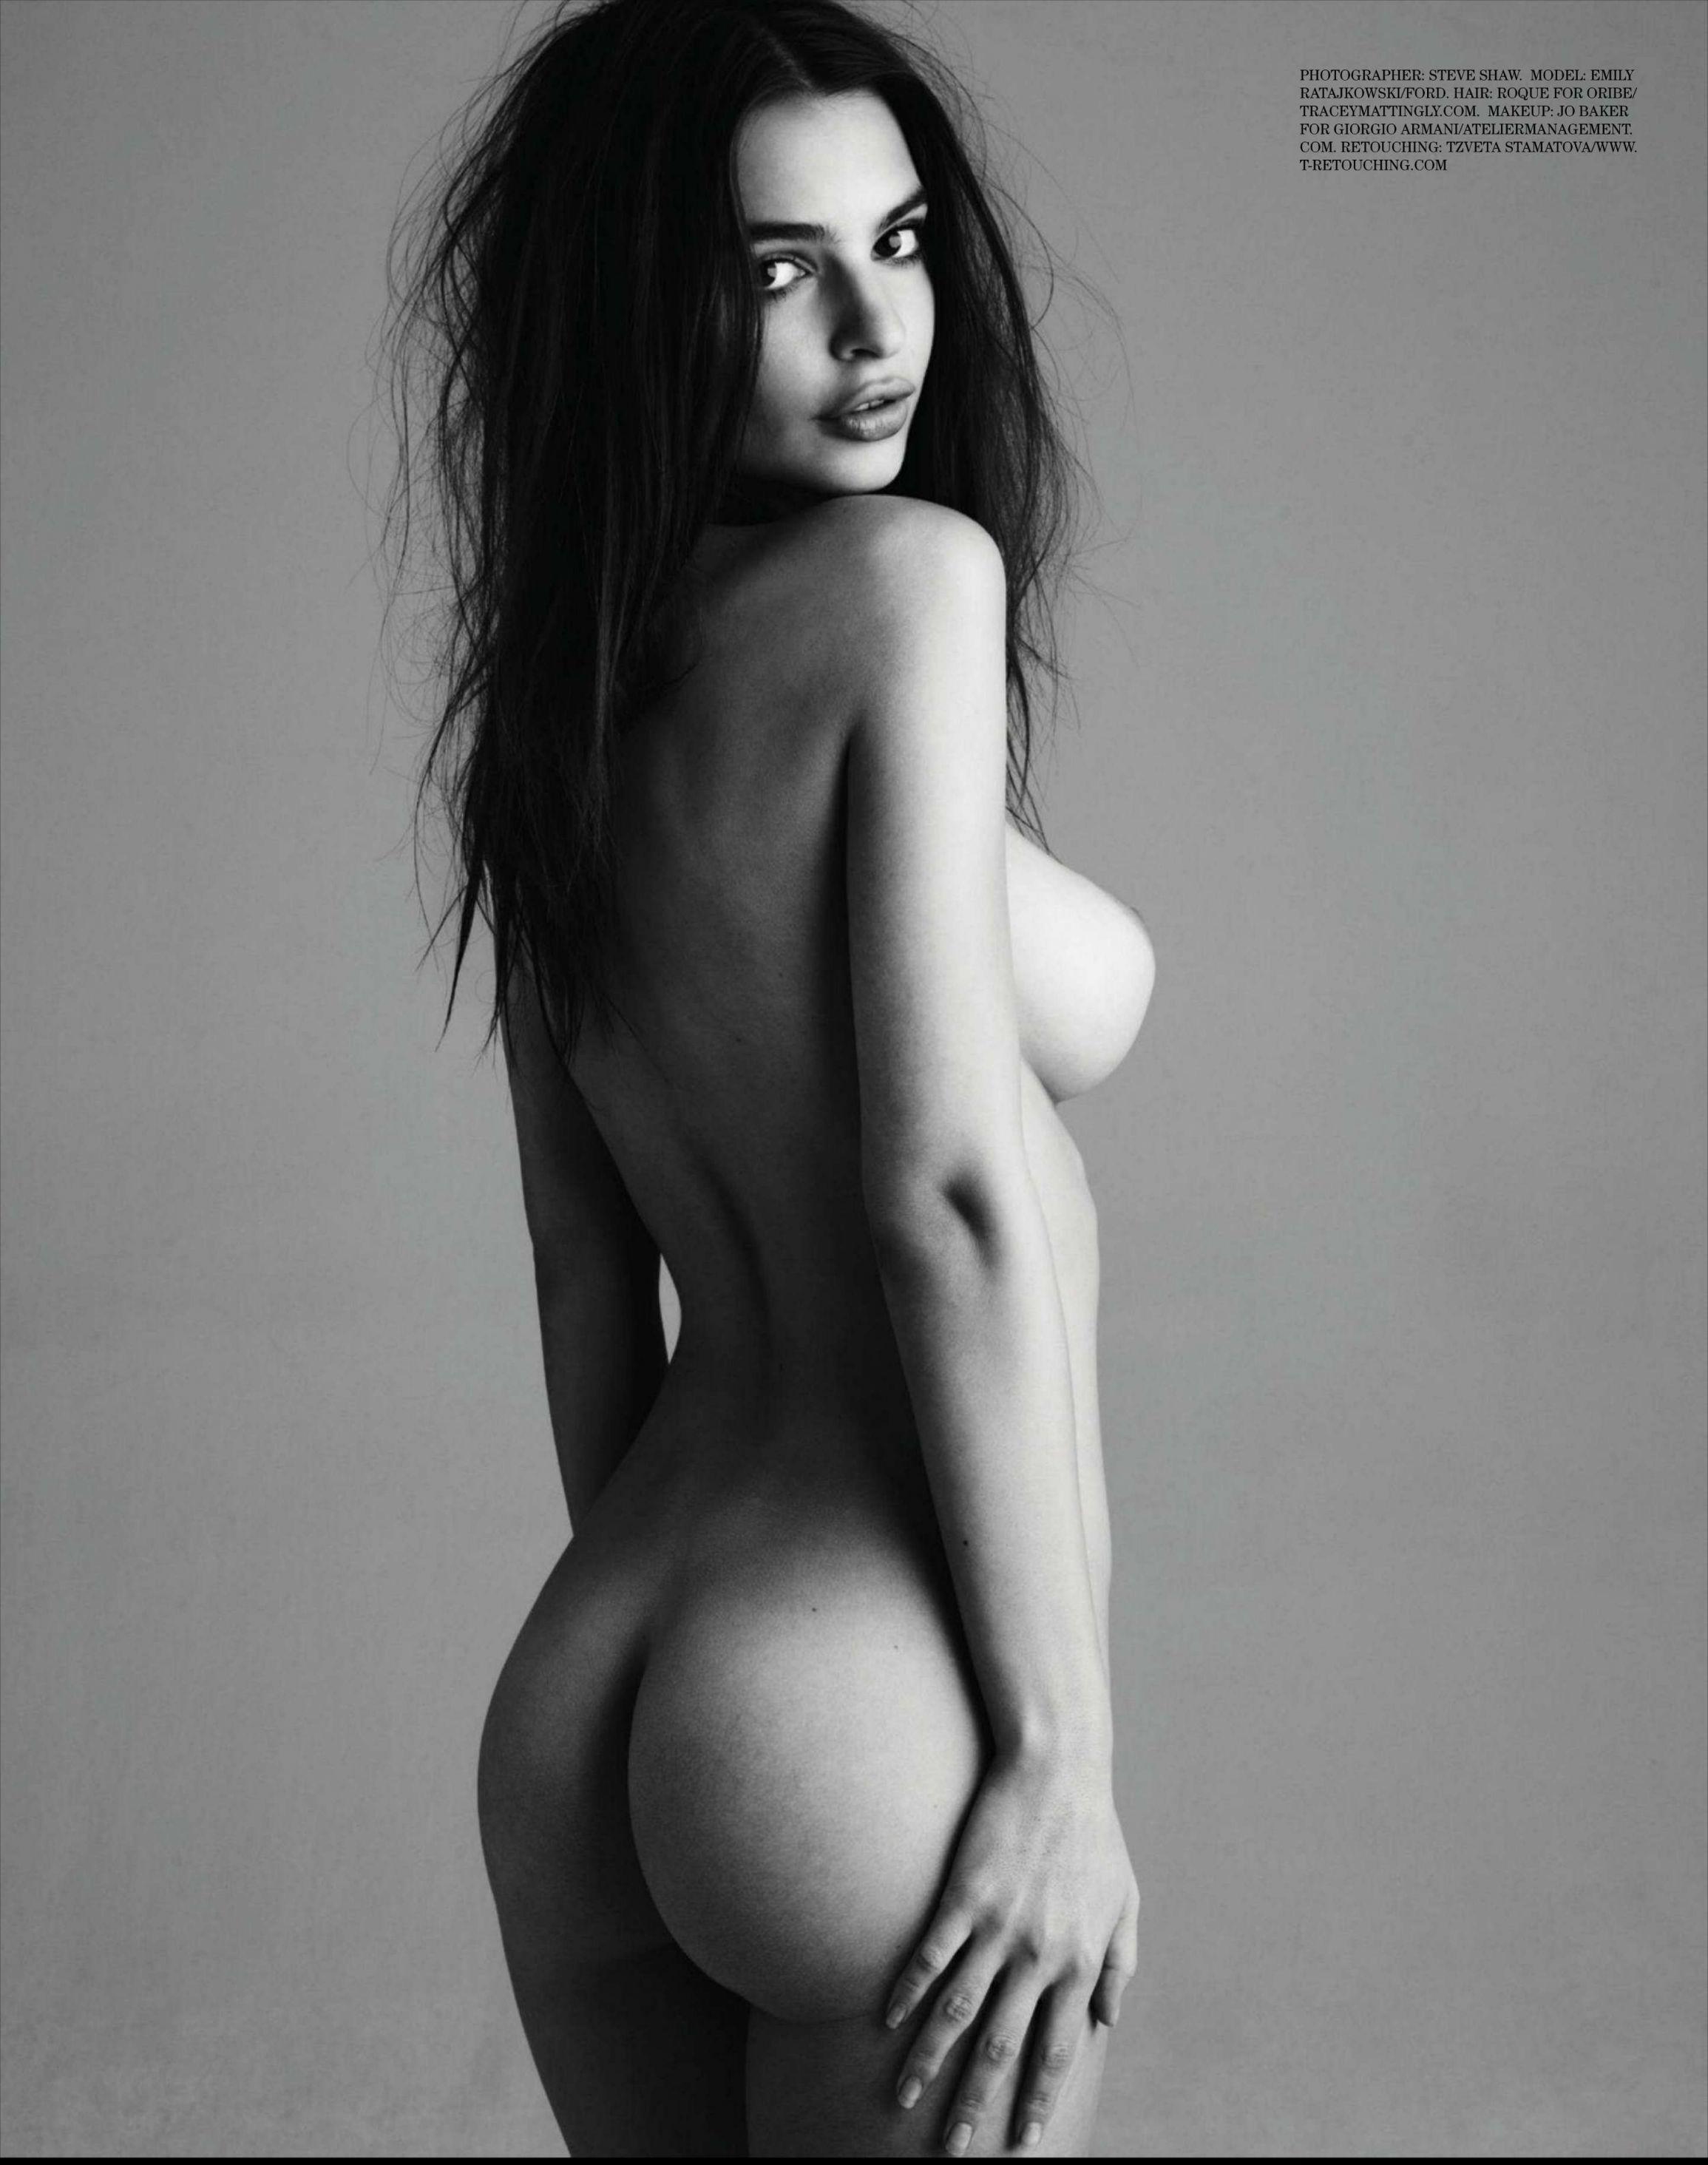 Forum on this topic: Les chtis a hollywood, emily-ratajkowski-topless-photos-2/